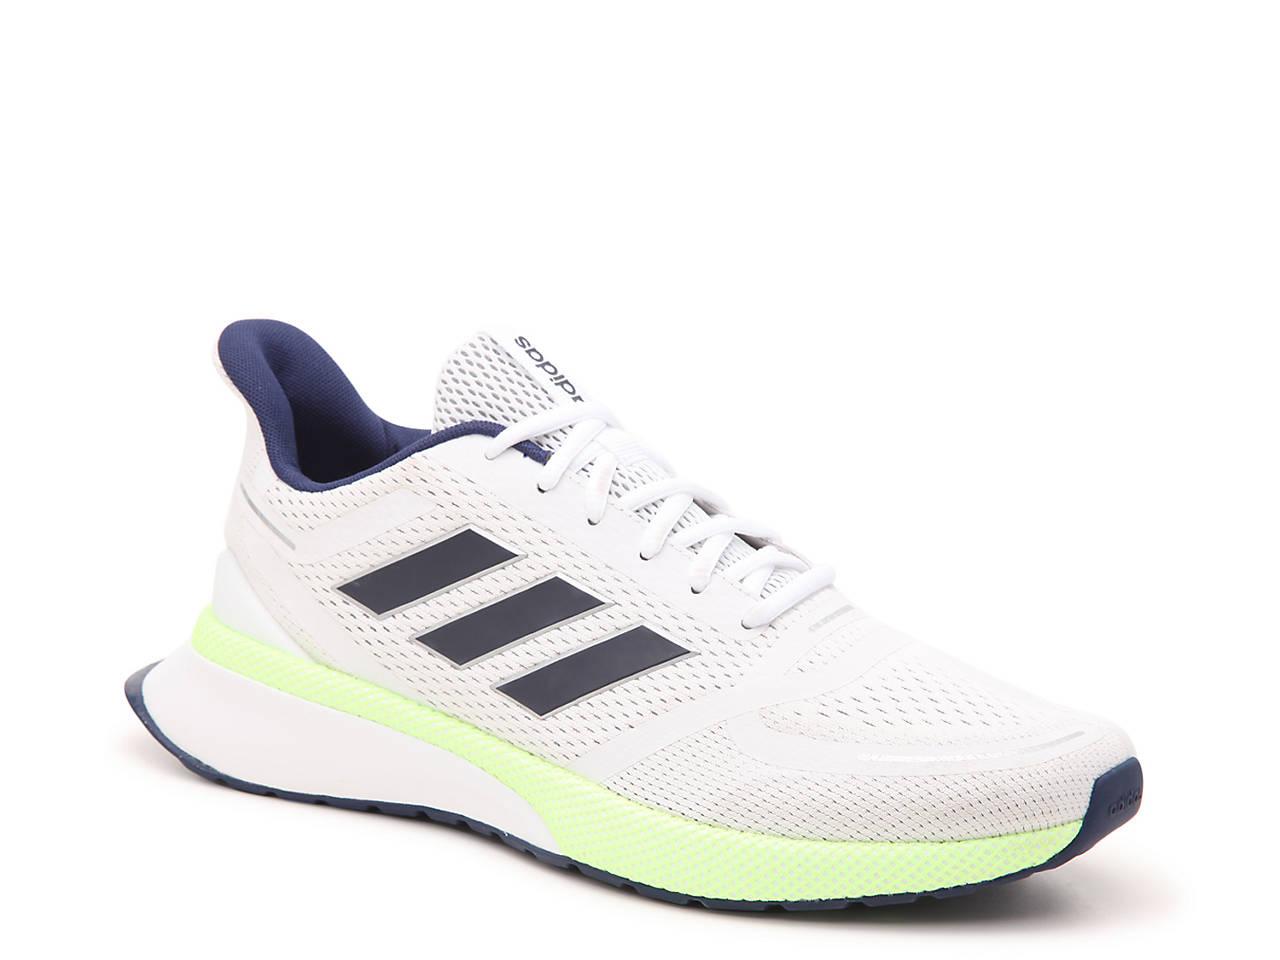 meilleures baskets 1e299 f82dc Nova Run Running Shoe - Men's